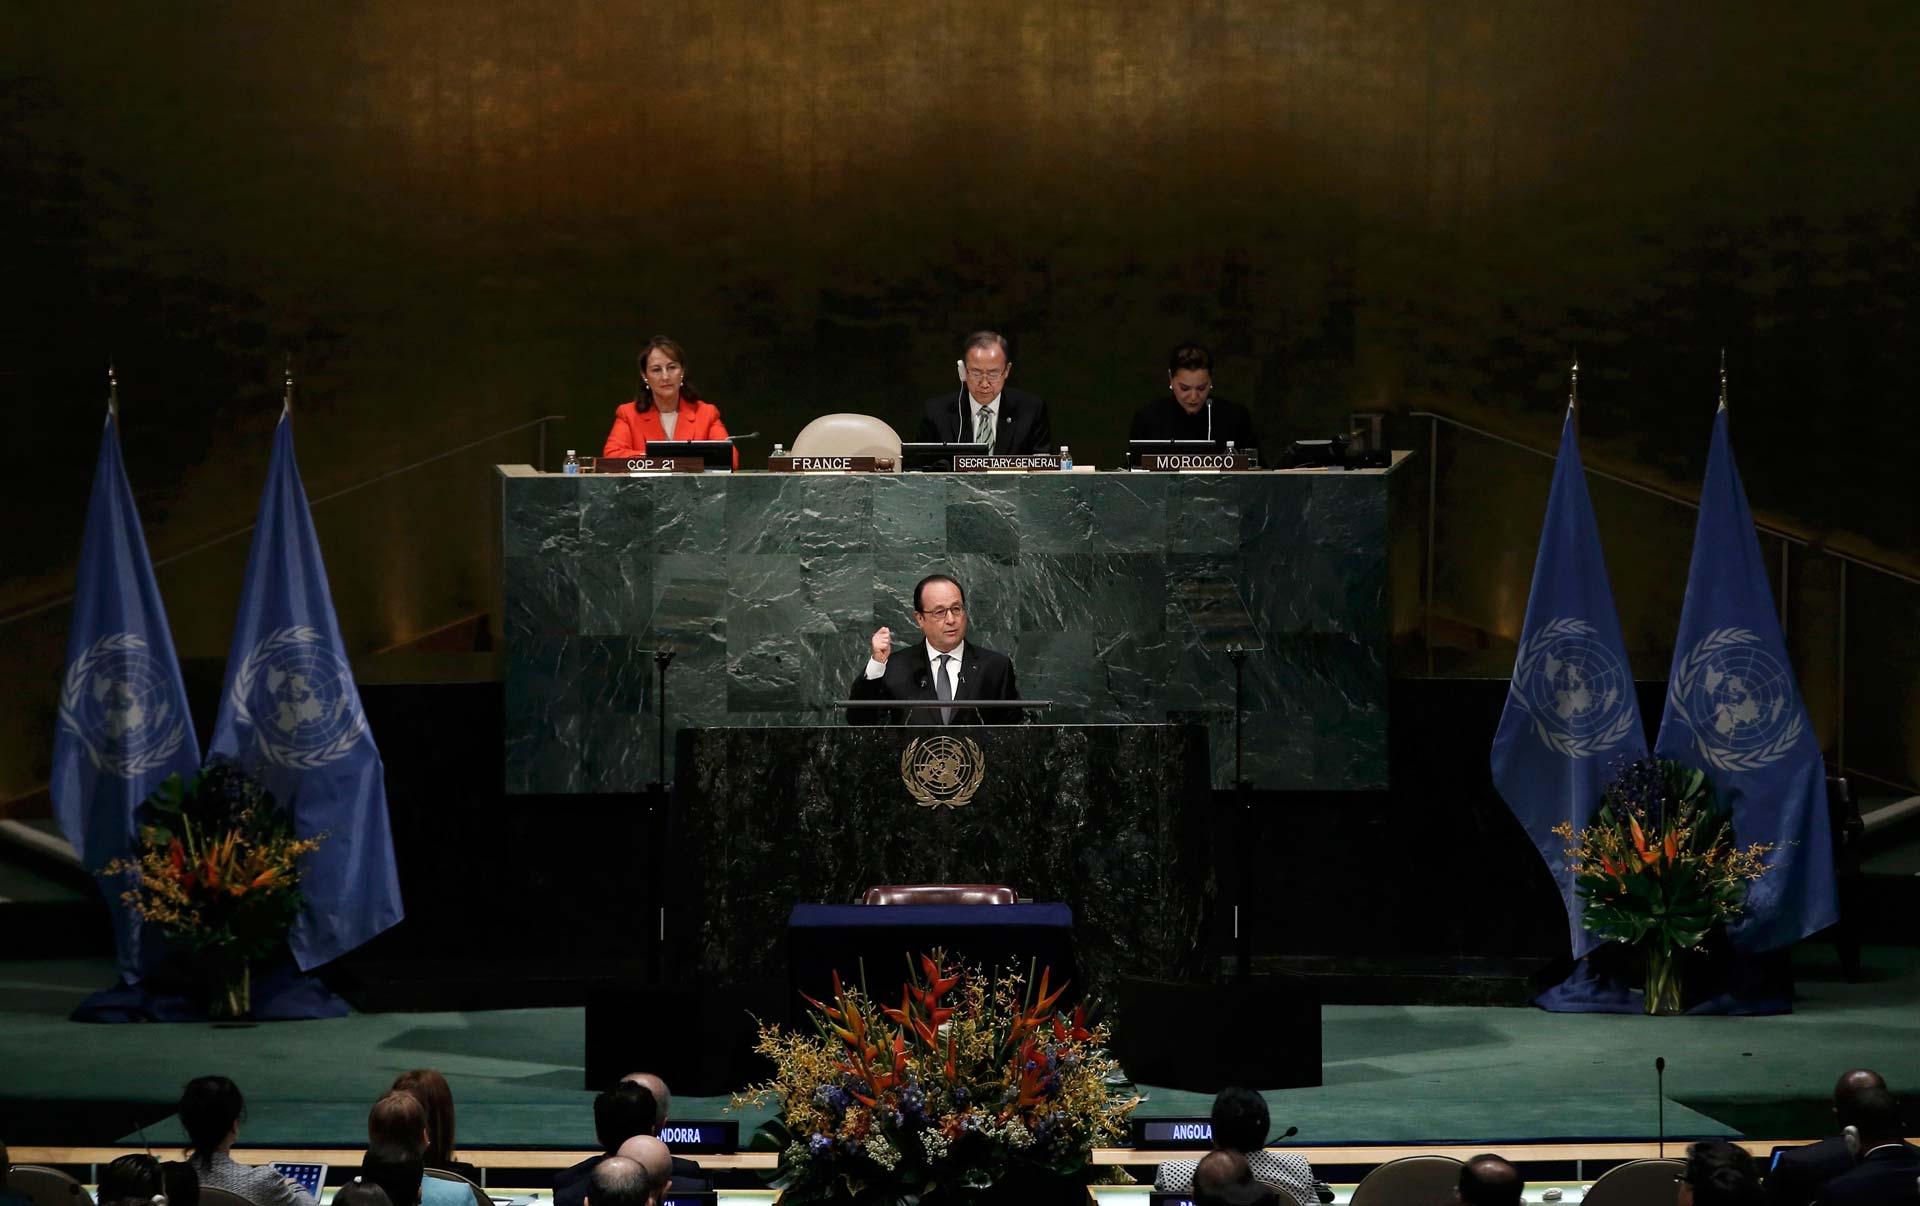 En diciembre pasado se llegó a un acuerdo mundial para proteger el medio ambiente